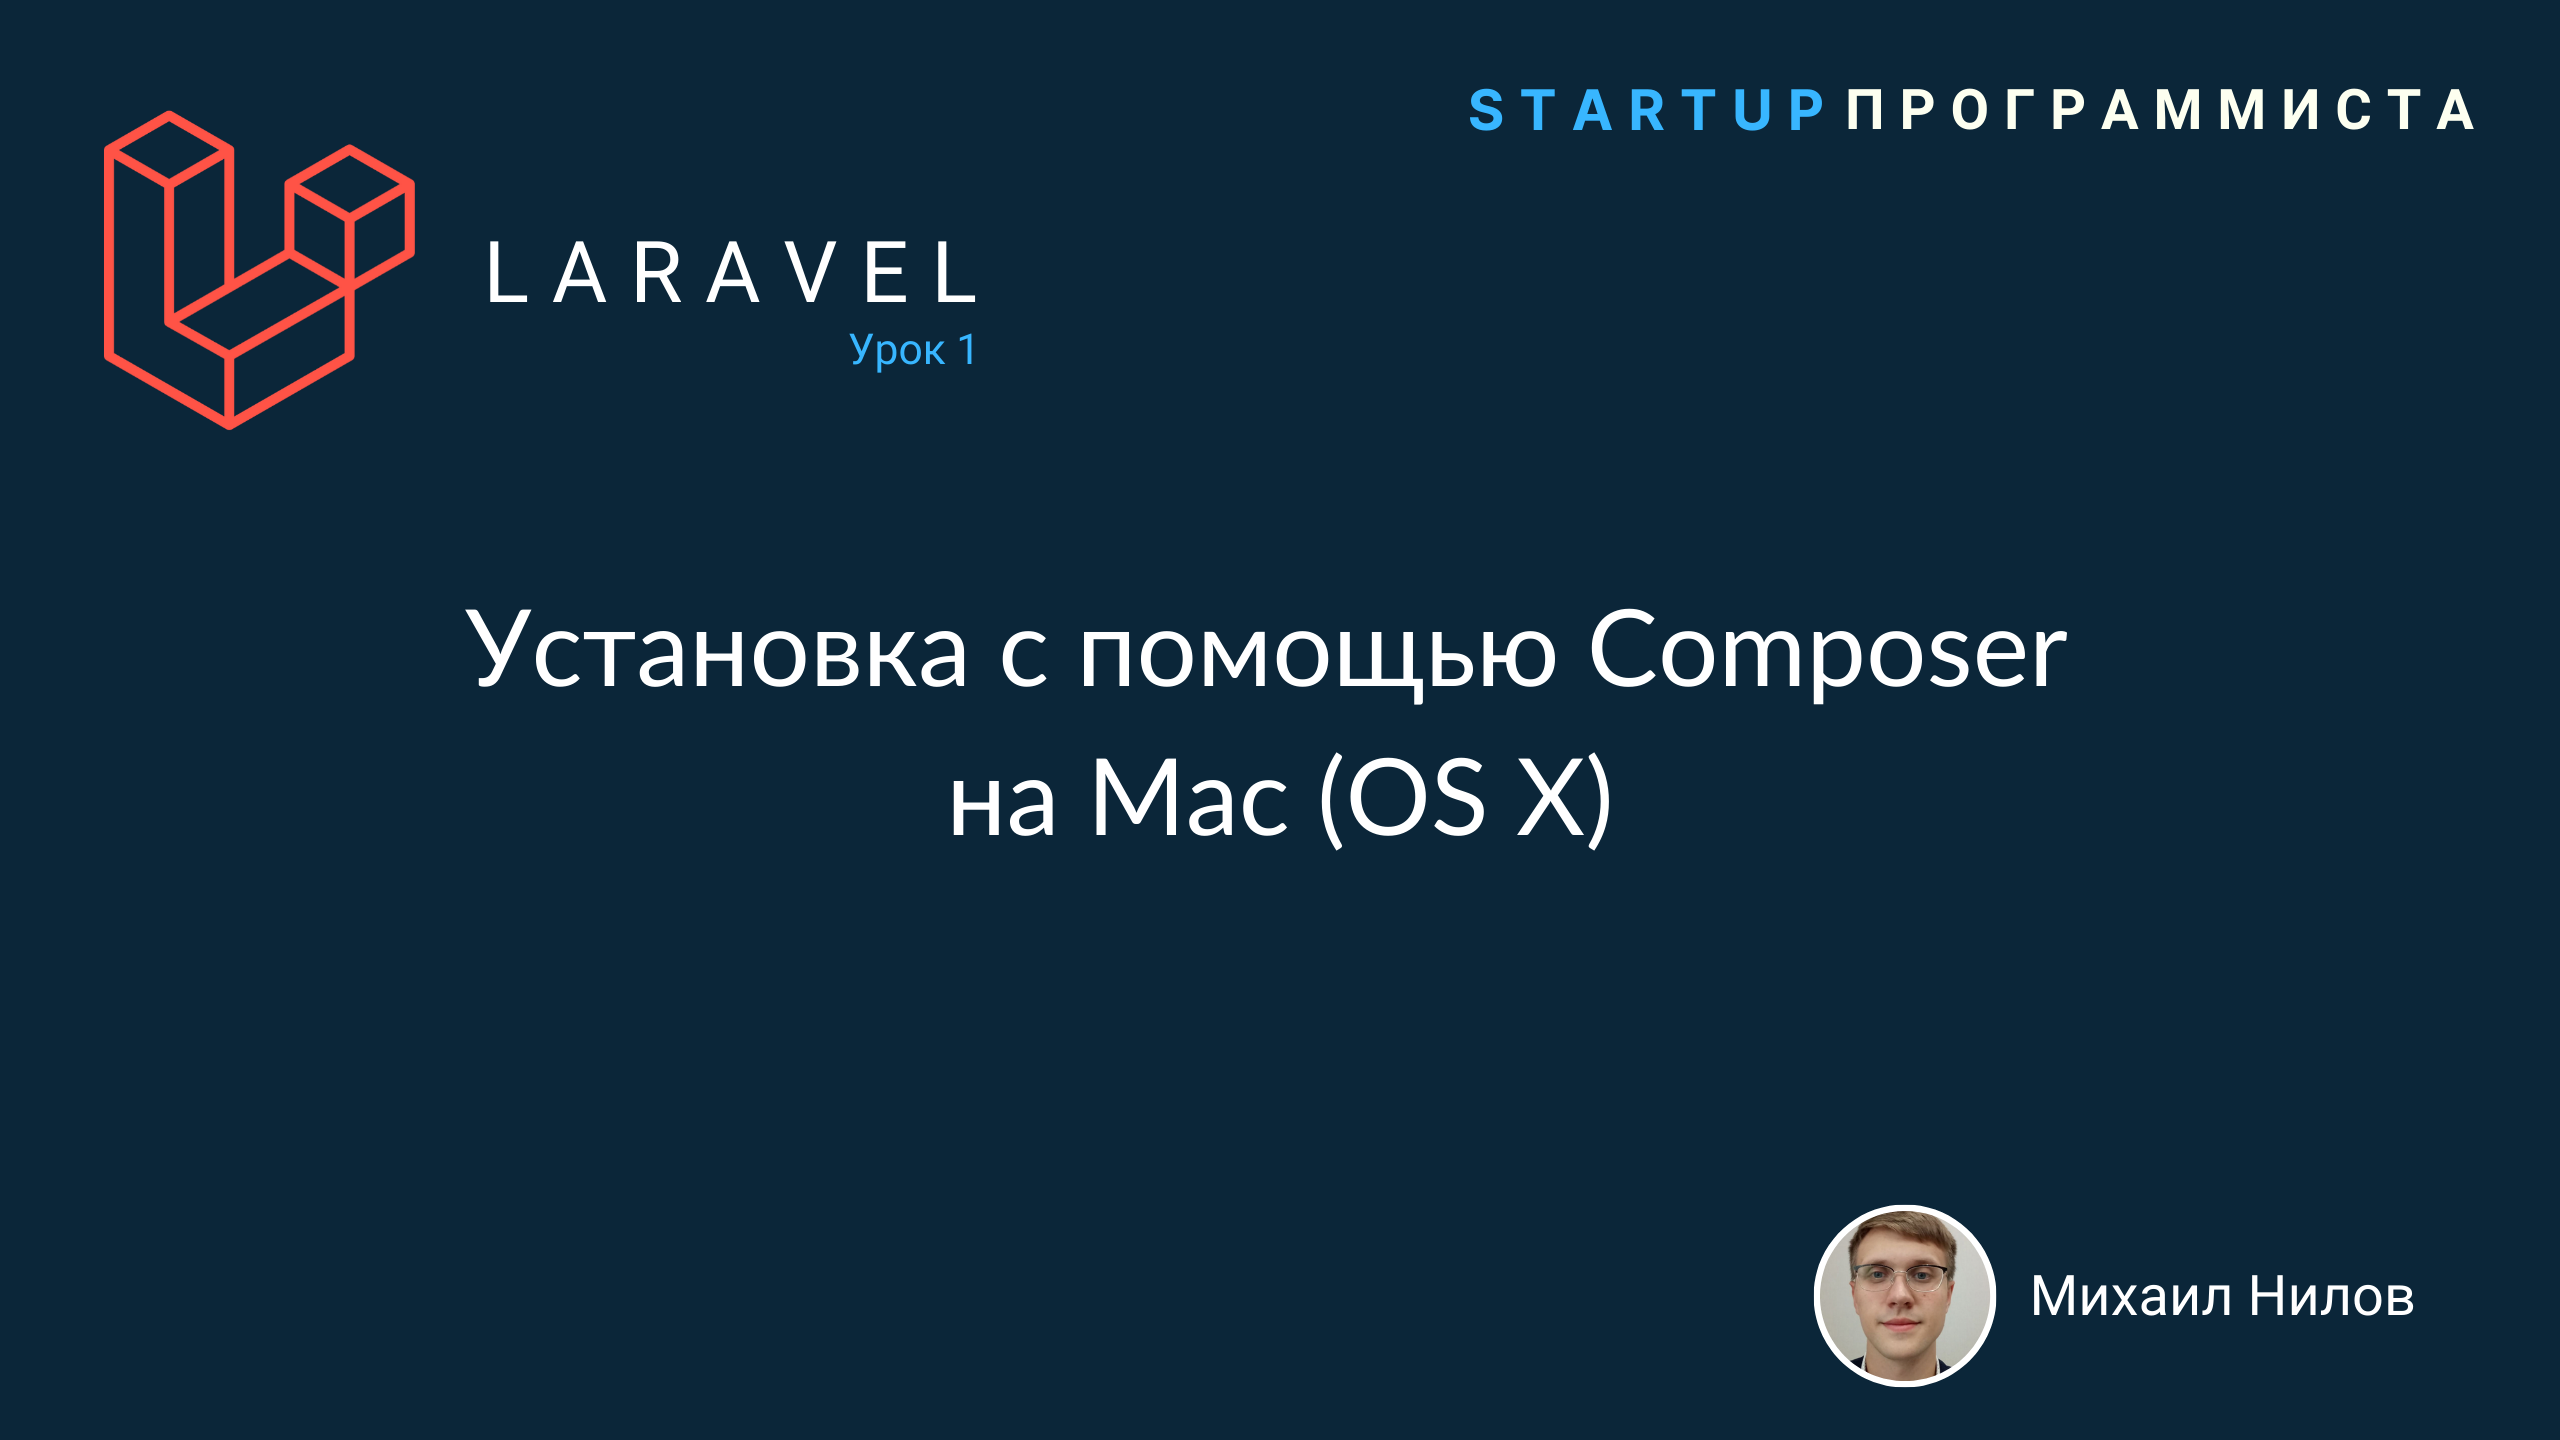 Михаил Нилов. Laravel — Установка с помощью Composer